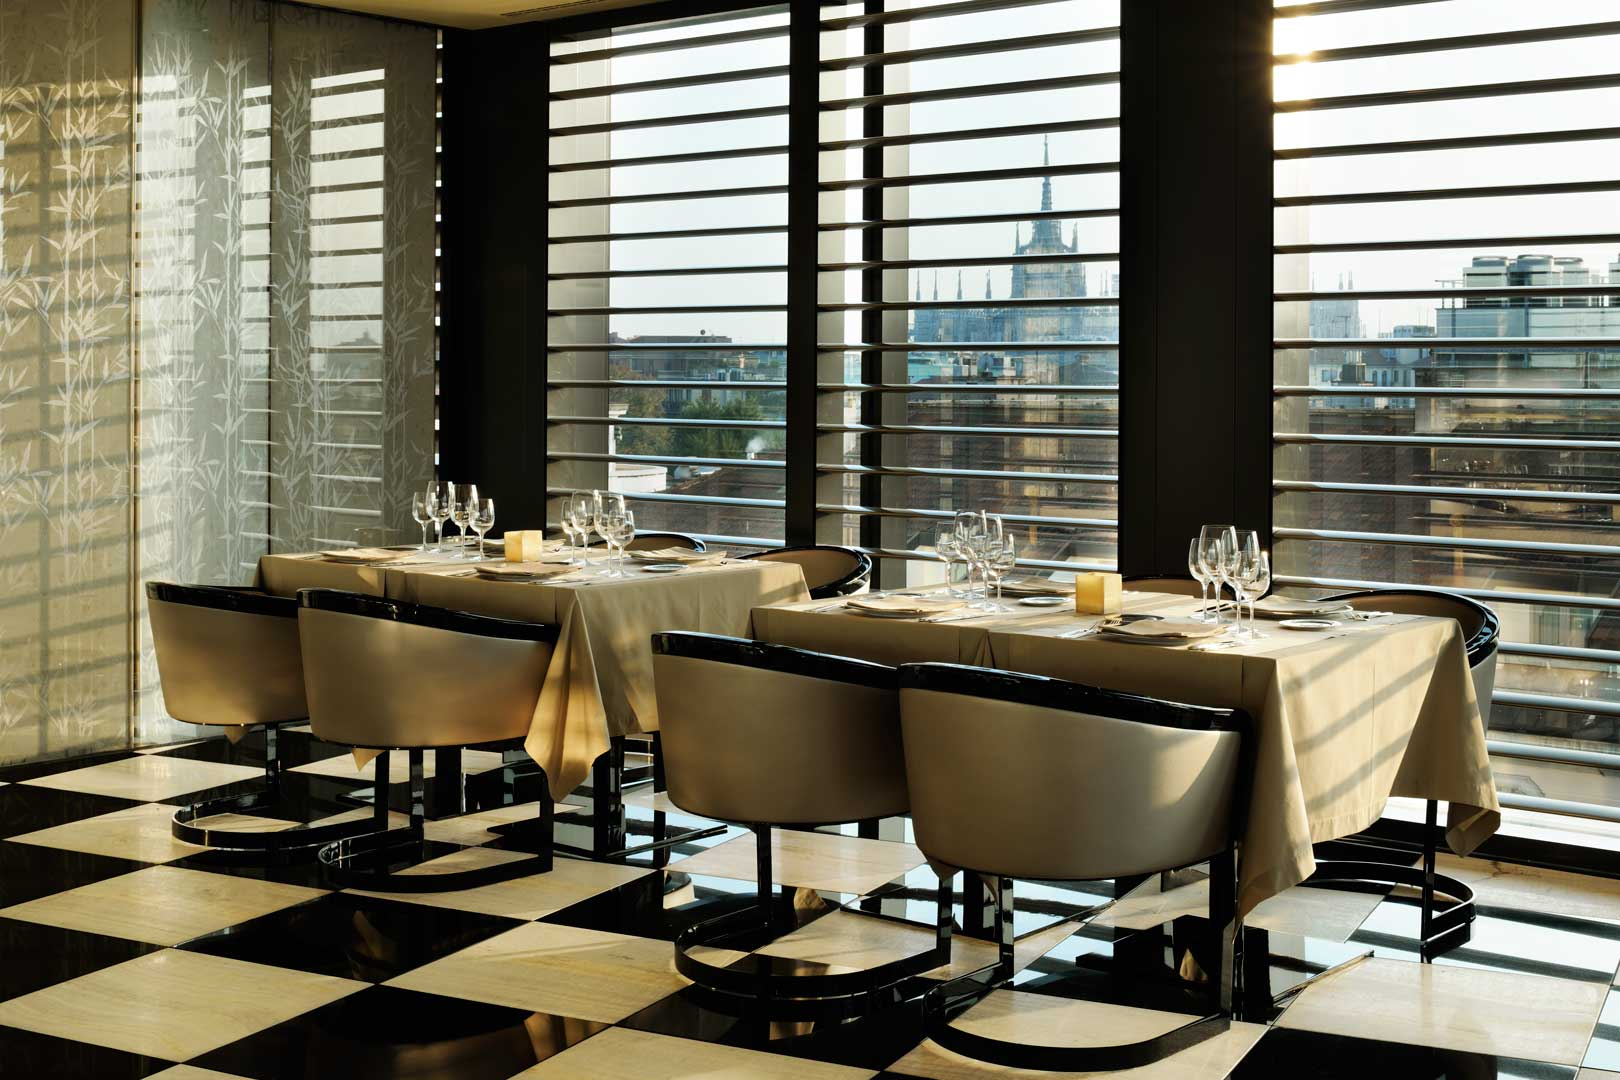 Armani Ristorante Flawless Milano - Lifestyle Guide